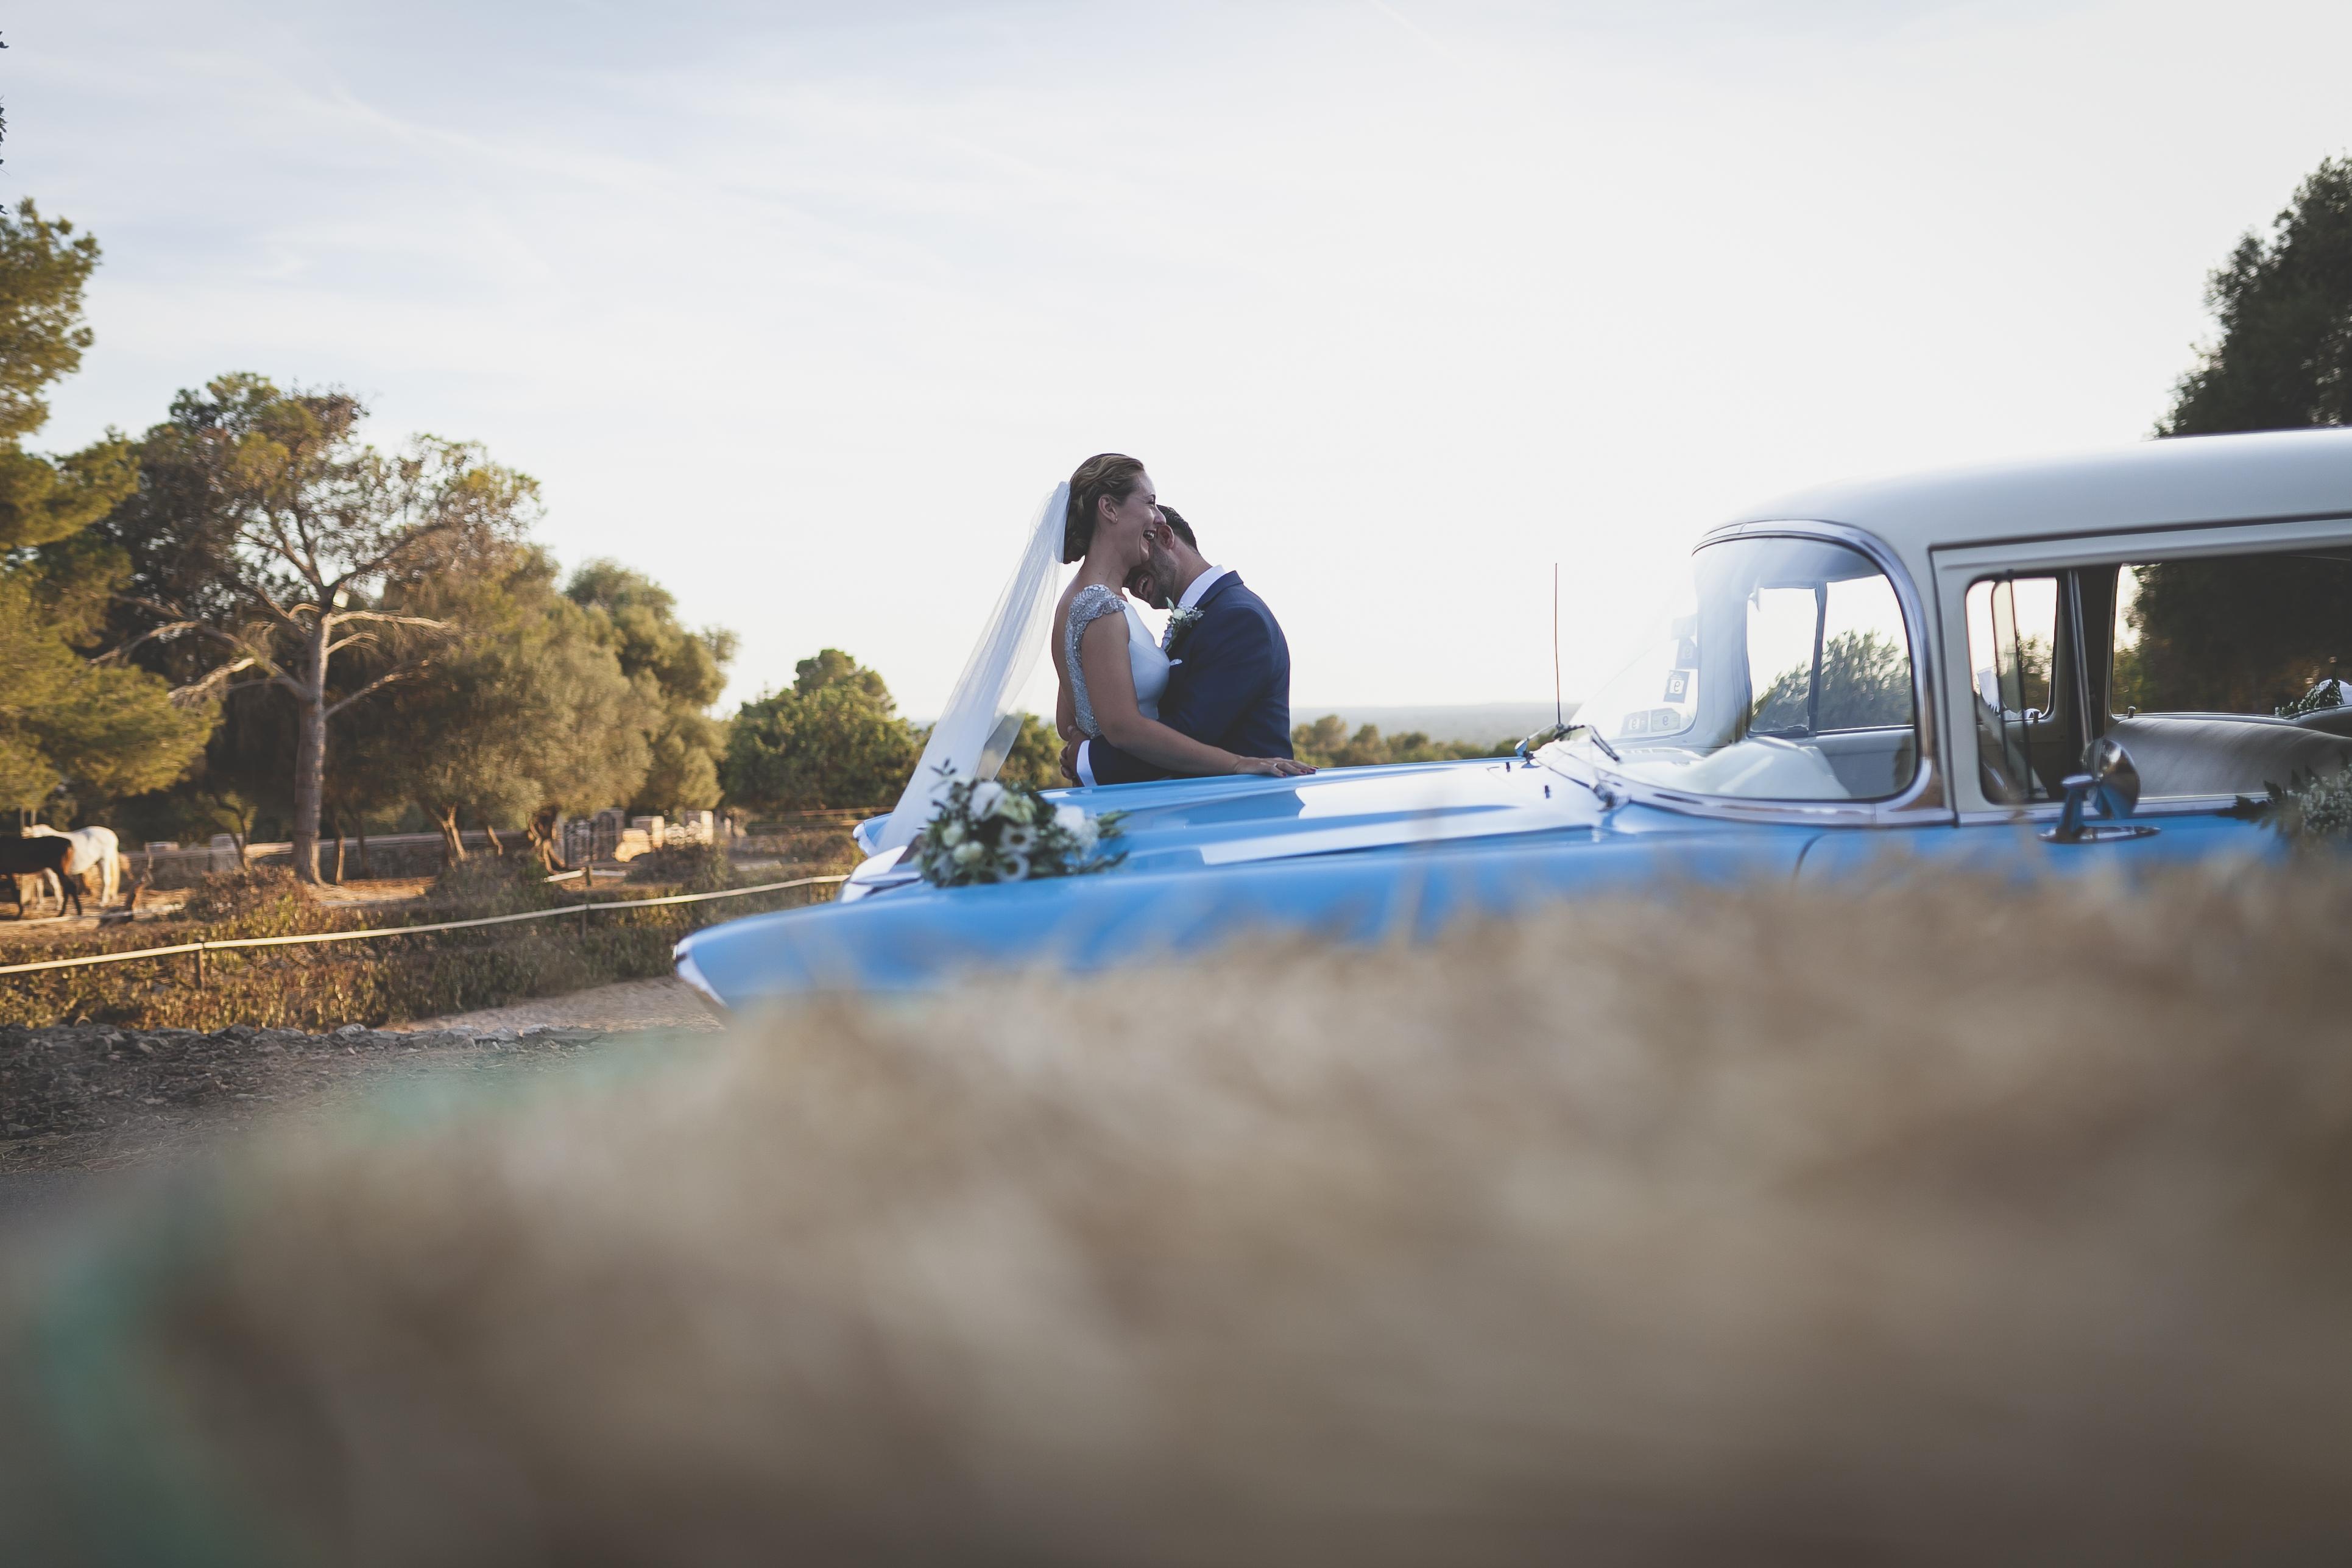 Mg 9831 fotografo de bodas en palma de mallorca joanfrank - Fotografo en mallorca ...